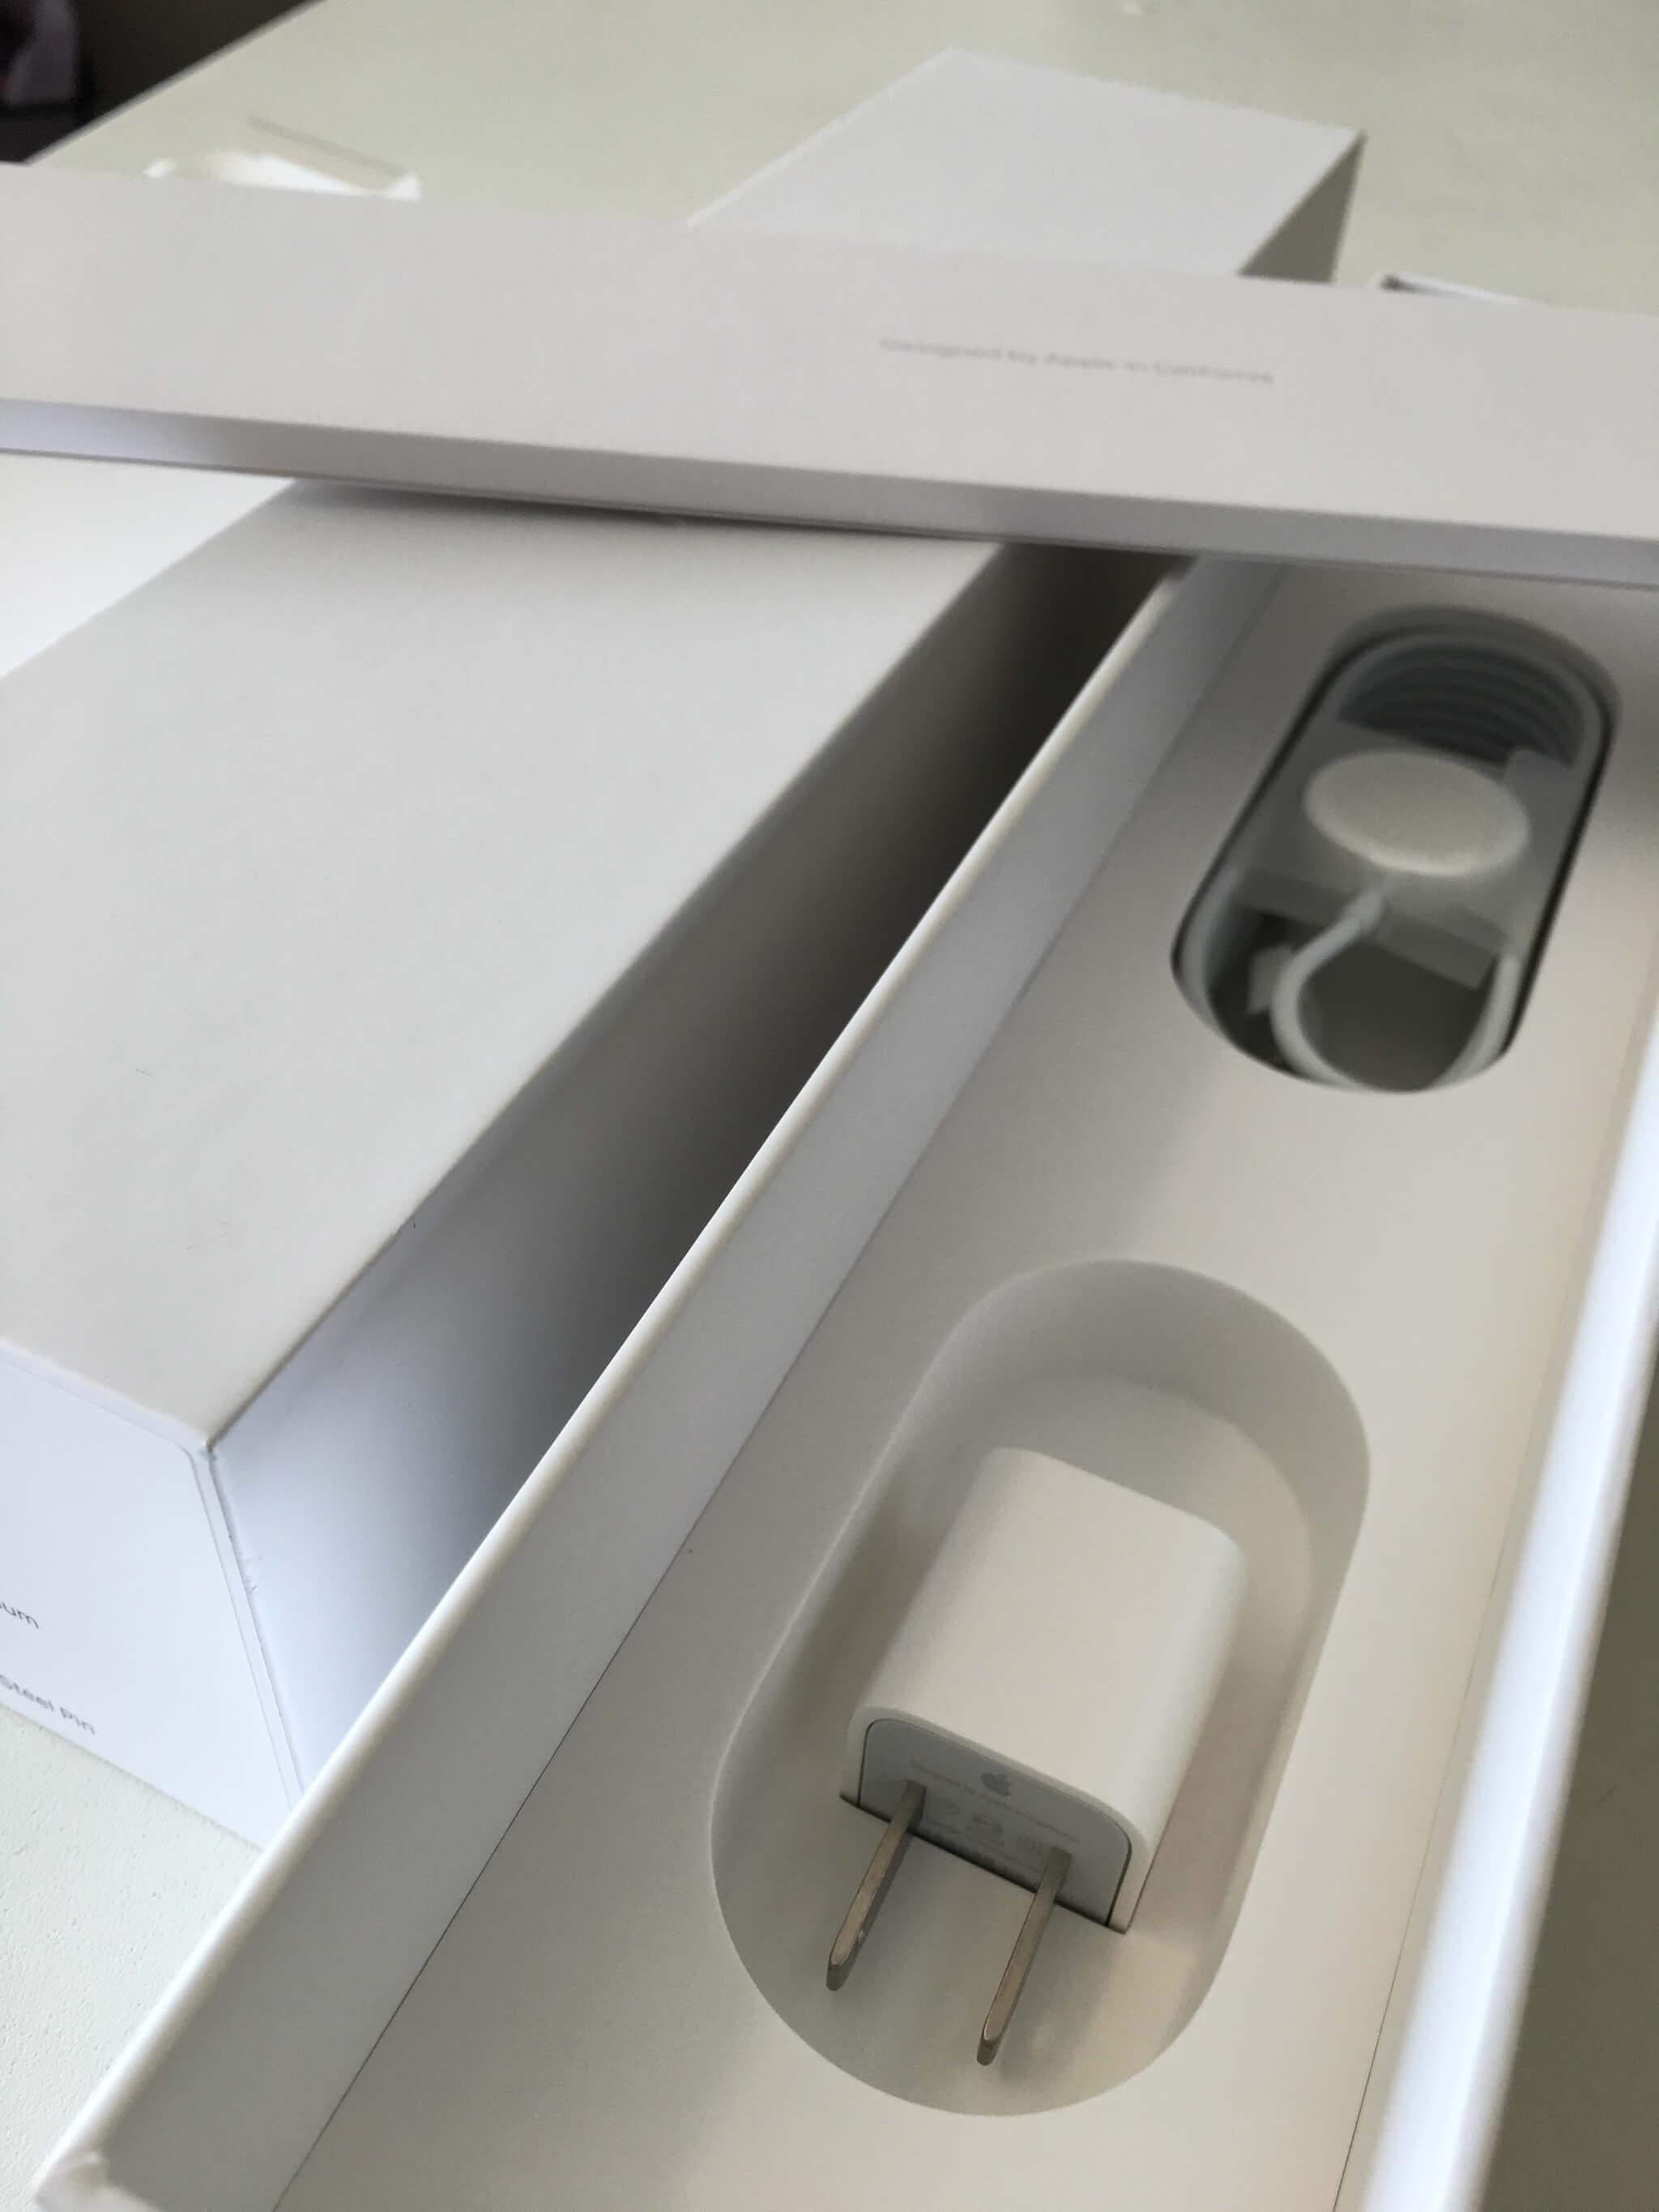 內盒裝以及配件,配件有白豆腐、說明書、磁吸式的 USB 充電線